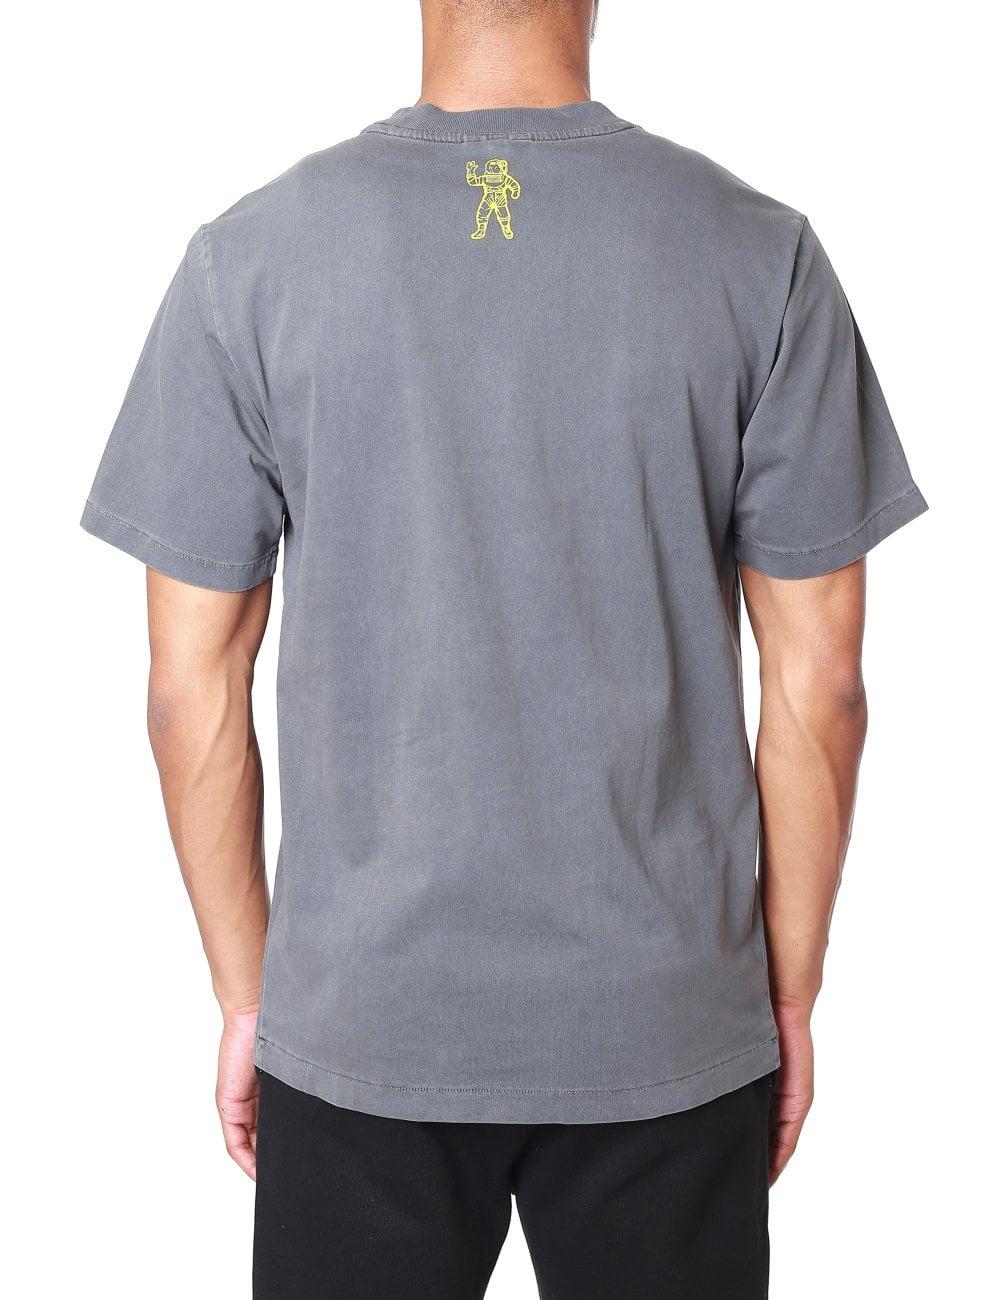 24a2a7374 Billionaire Boys Club Men's Pigment Dyed Fish Camo T-Shirt